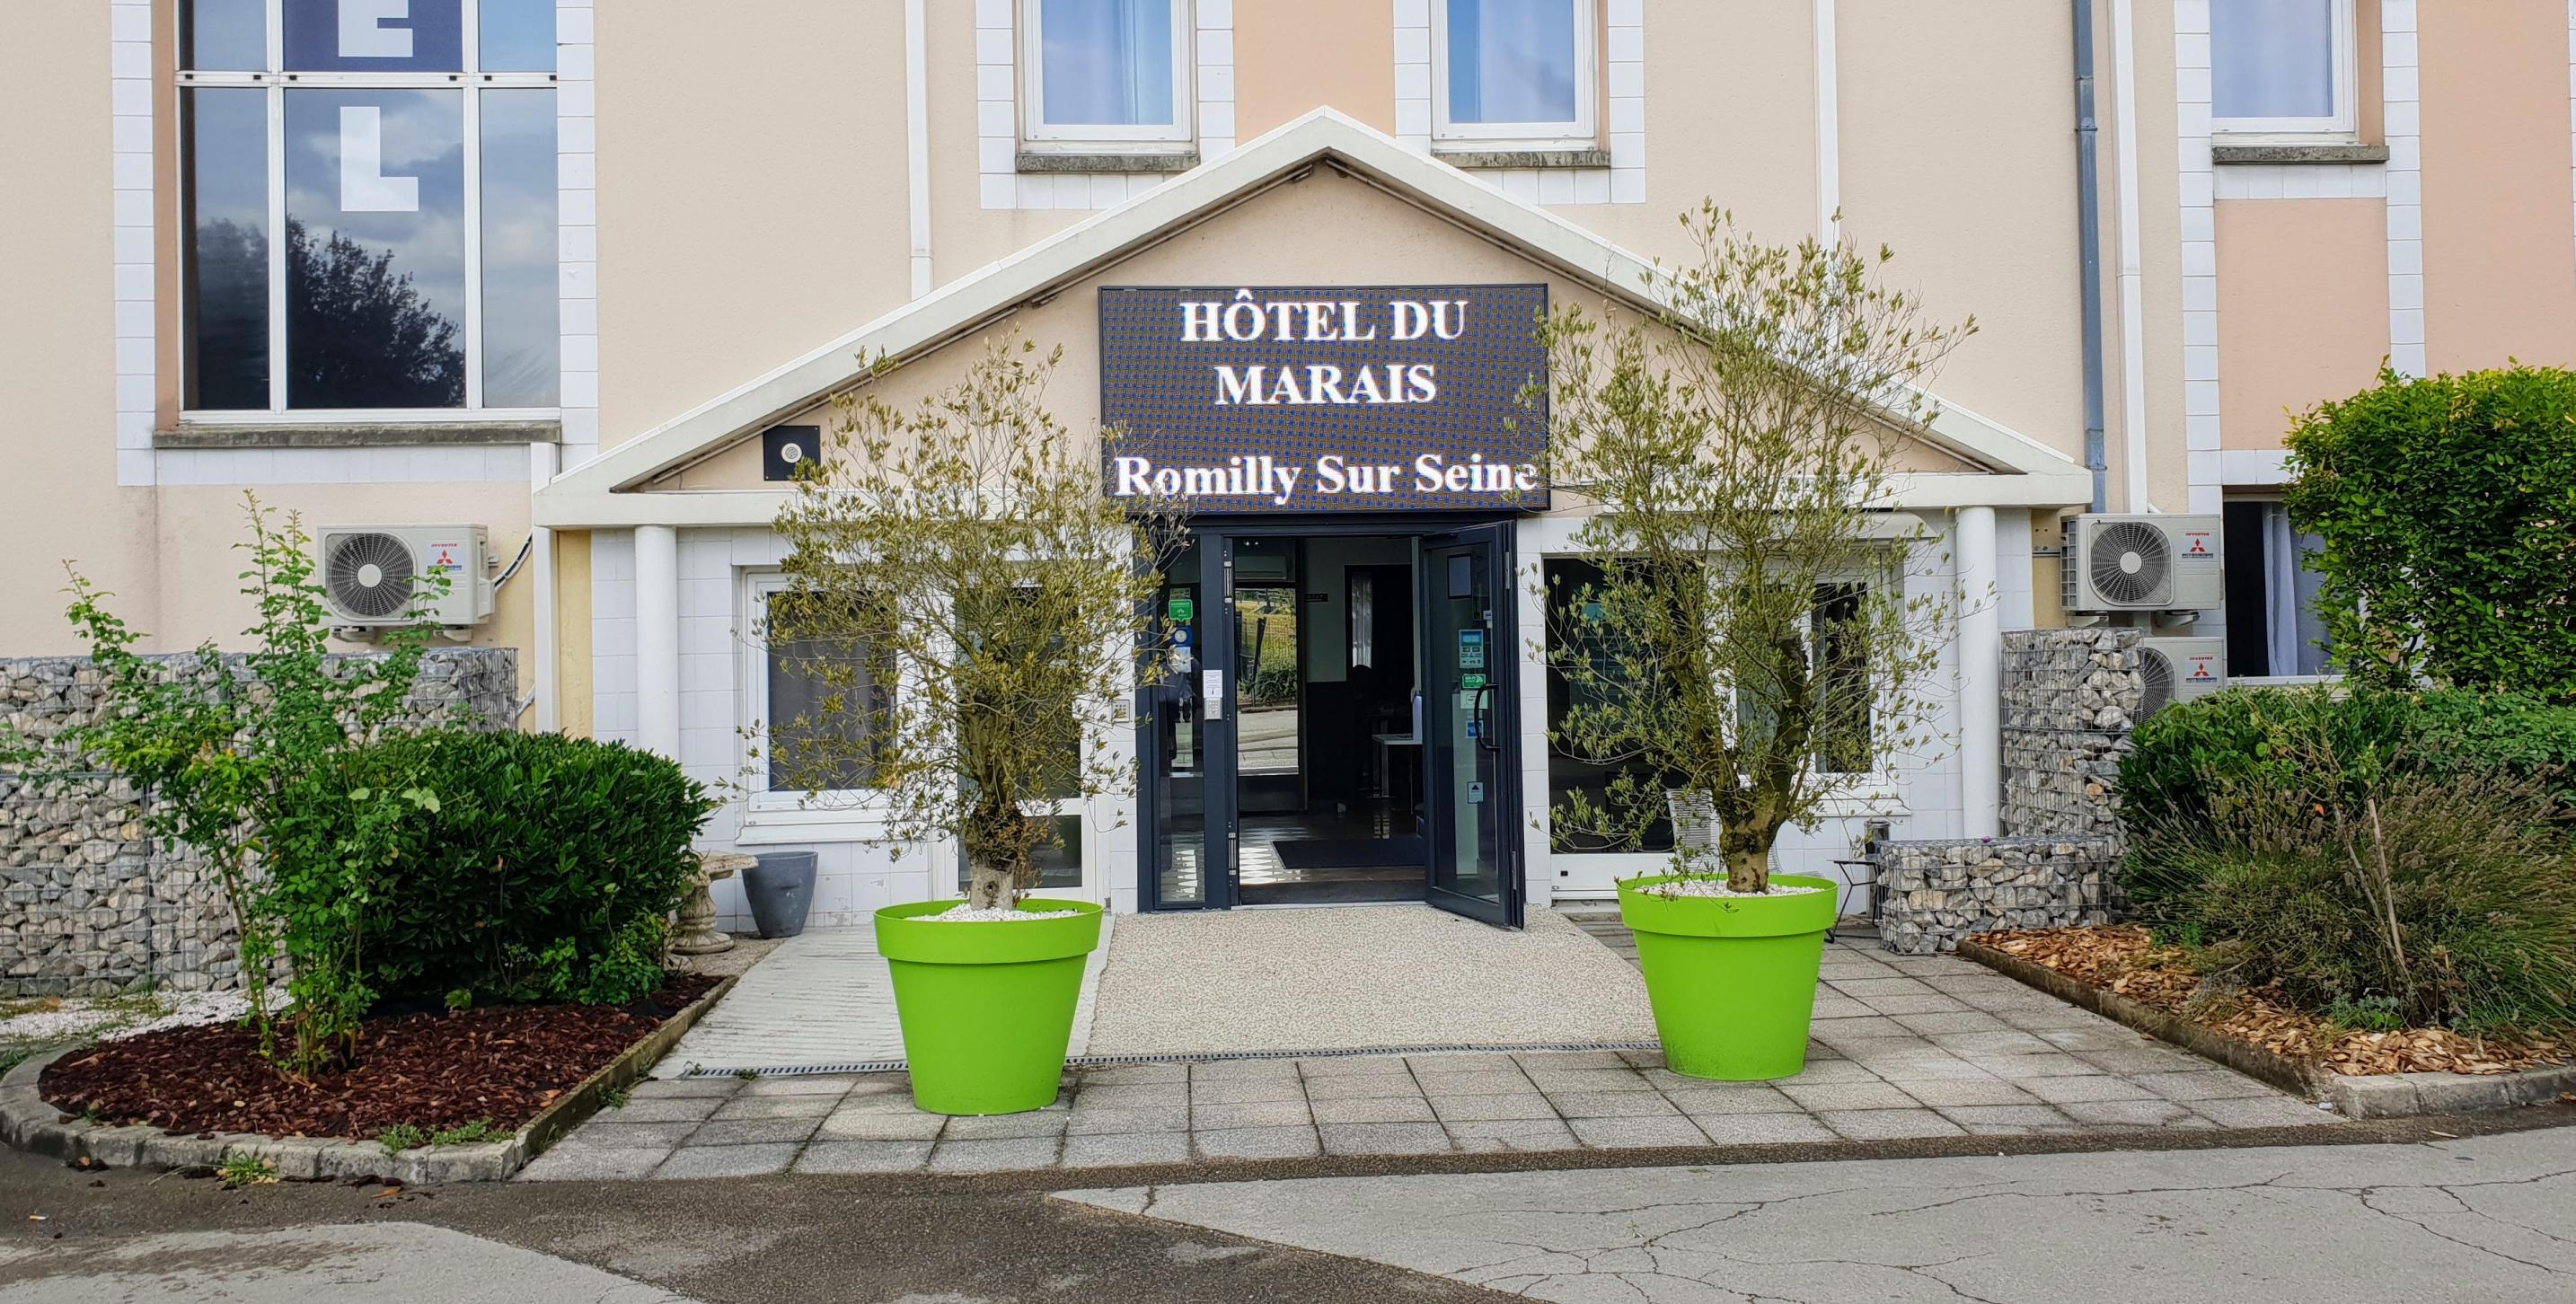 Hôtel du Marais à Romilly sur Seine